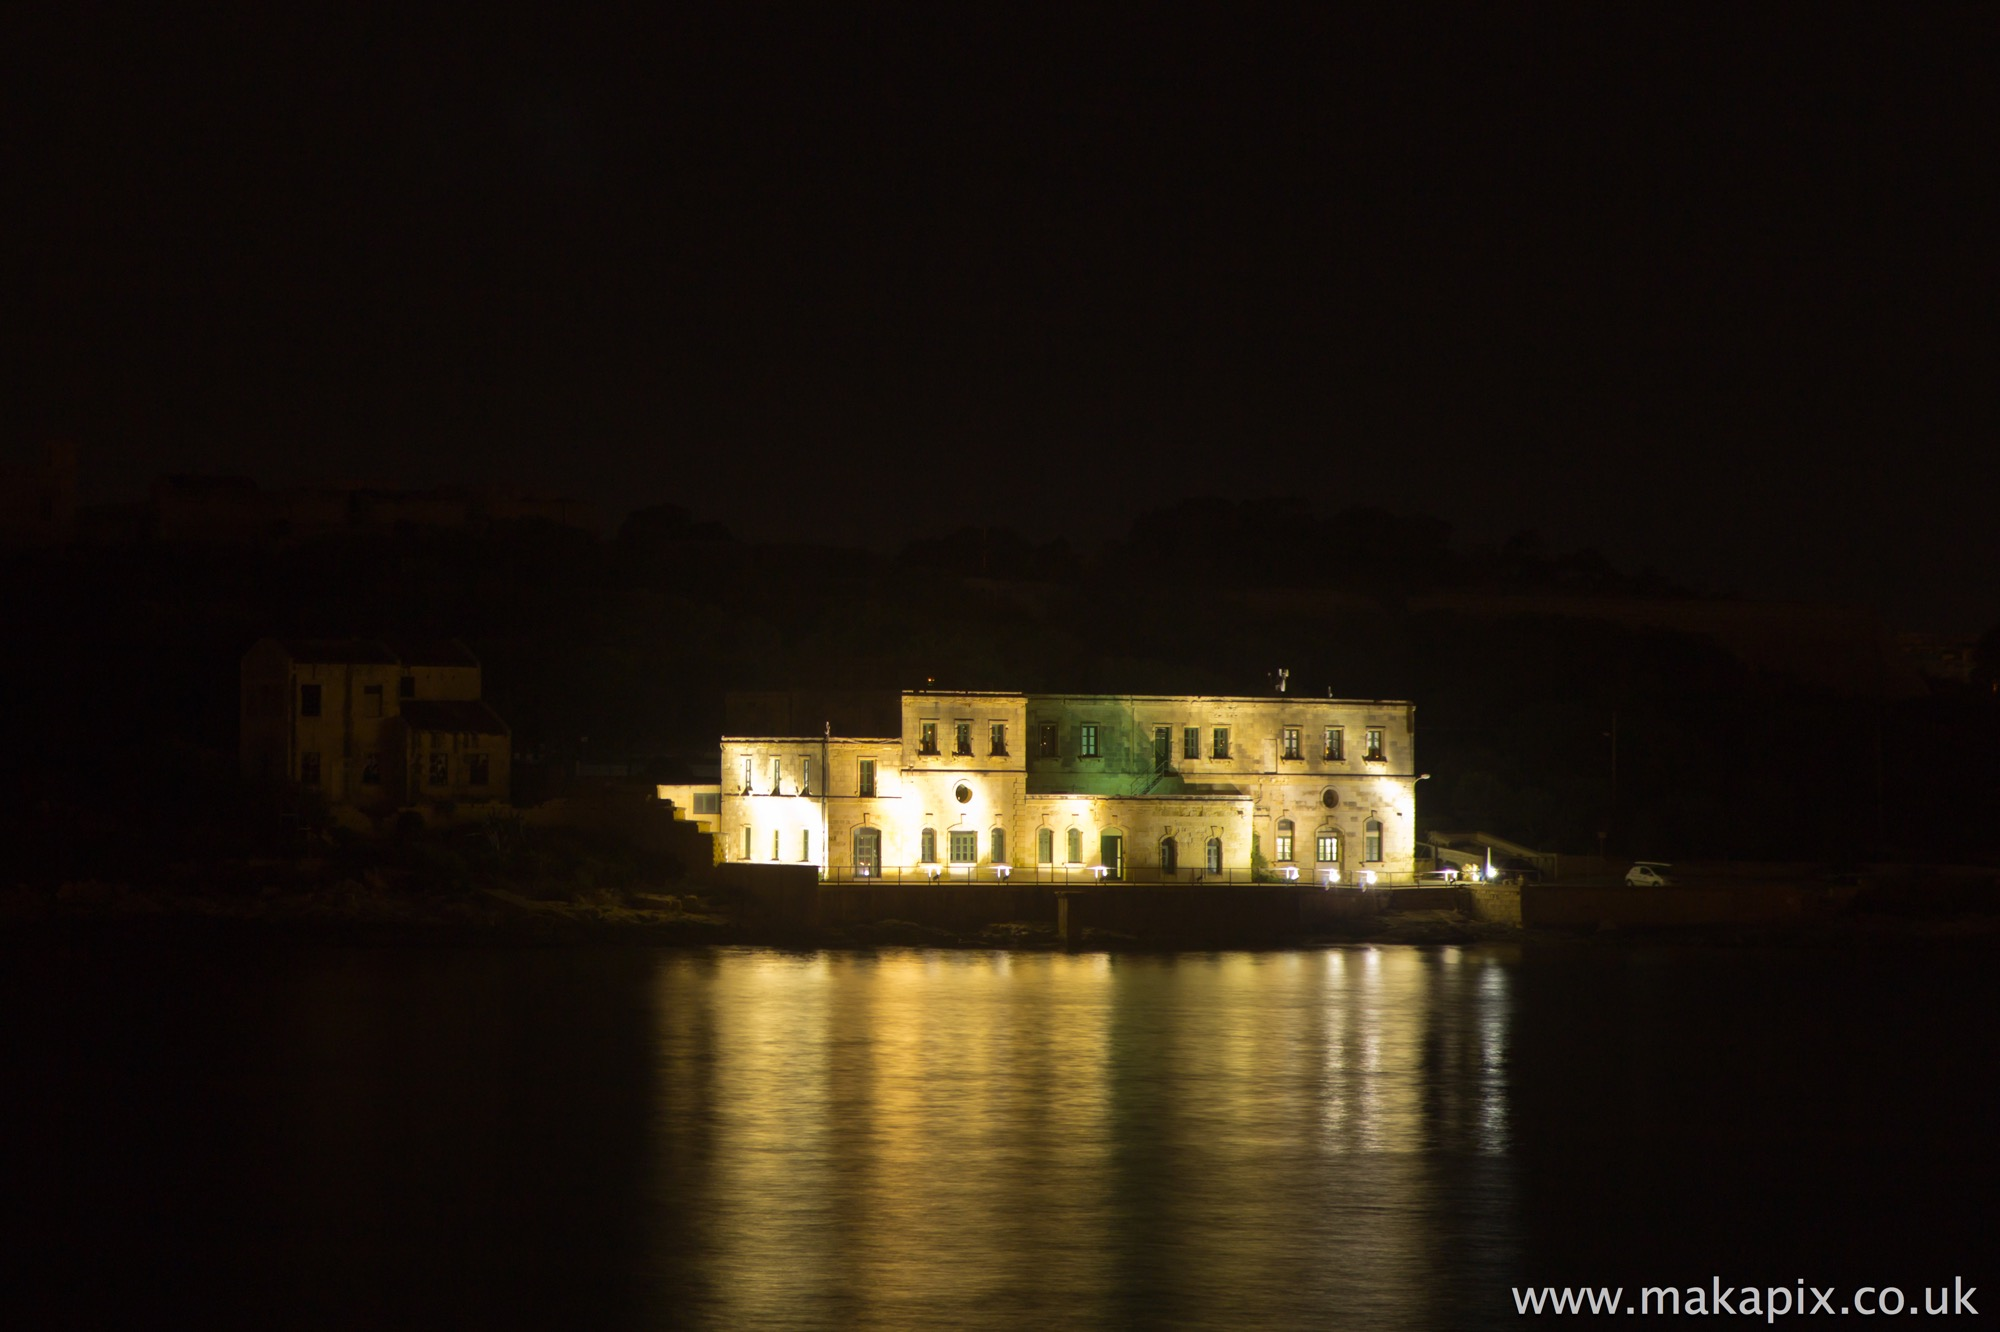 Malta Att Night 2014